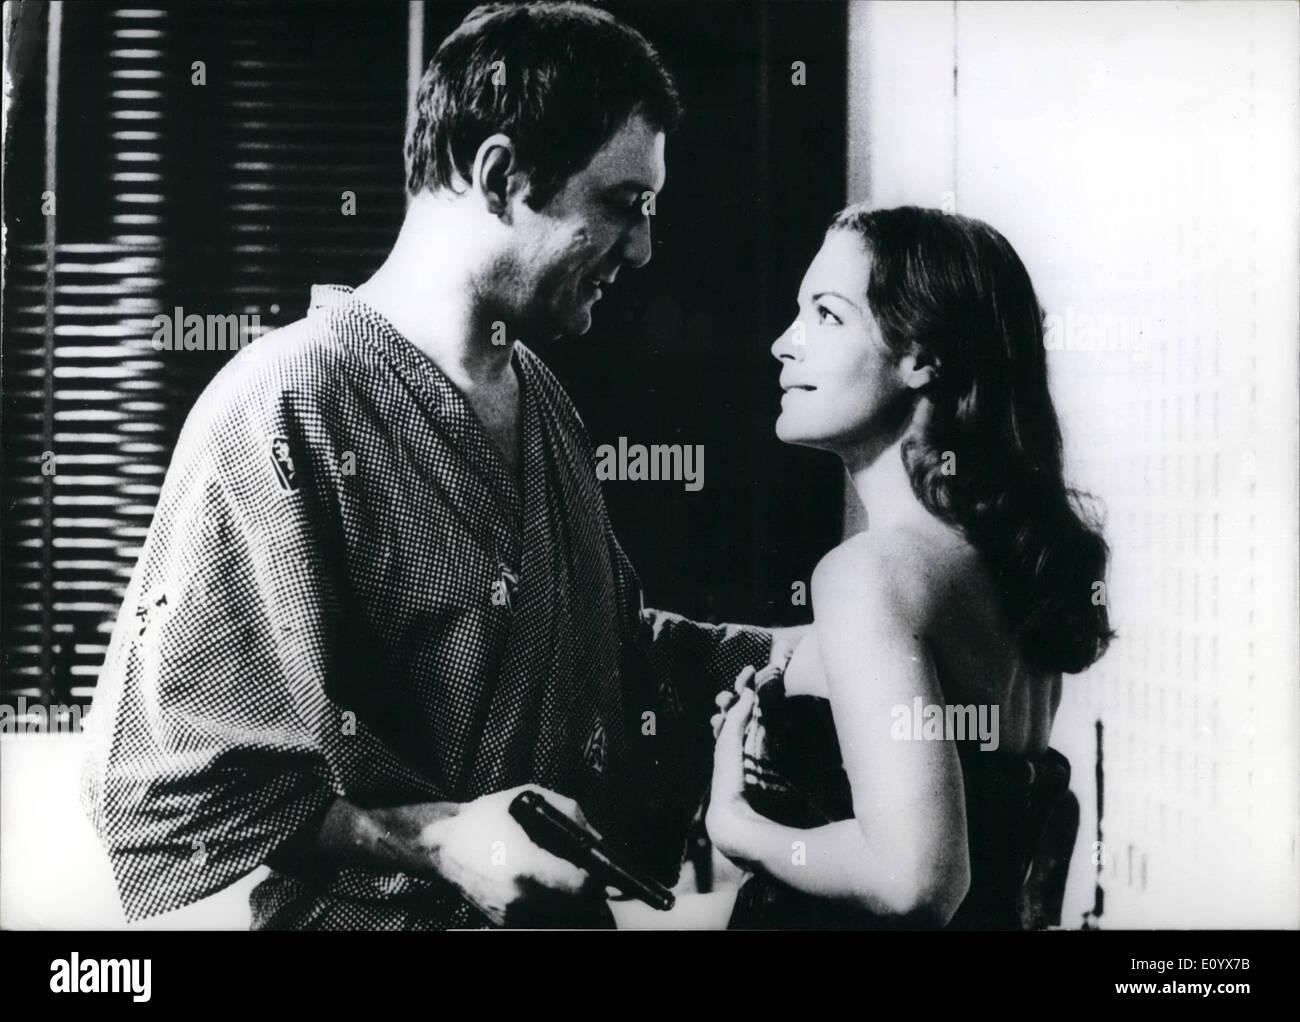 Septembre 09, 1971 - NOUVEAU THRILLER-PLOMB POUR Romy SCHNEIDER: ''l'amour de l'autre''... ....Est le titre d'un nouveau film, une production italo-, dans lequel Rom Schneider joue un partie de chargement. Elle agit d'une jeune femme, qui est accusé d'avoir tué son amant. Le frère de la victime, qui est également amoureux de la jeune fille, essaye de découvrir la vérité sur la mort. Le film se termine par une clarification très surprenant. ''L'amour de l'autre'' est réalisé par Léonard Keigel. Ops.: Romy Schneider comme Marina avec ''l'autre'', Maurice Ronet que Serge. Photo Stock